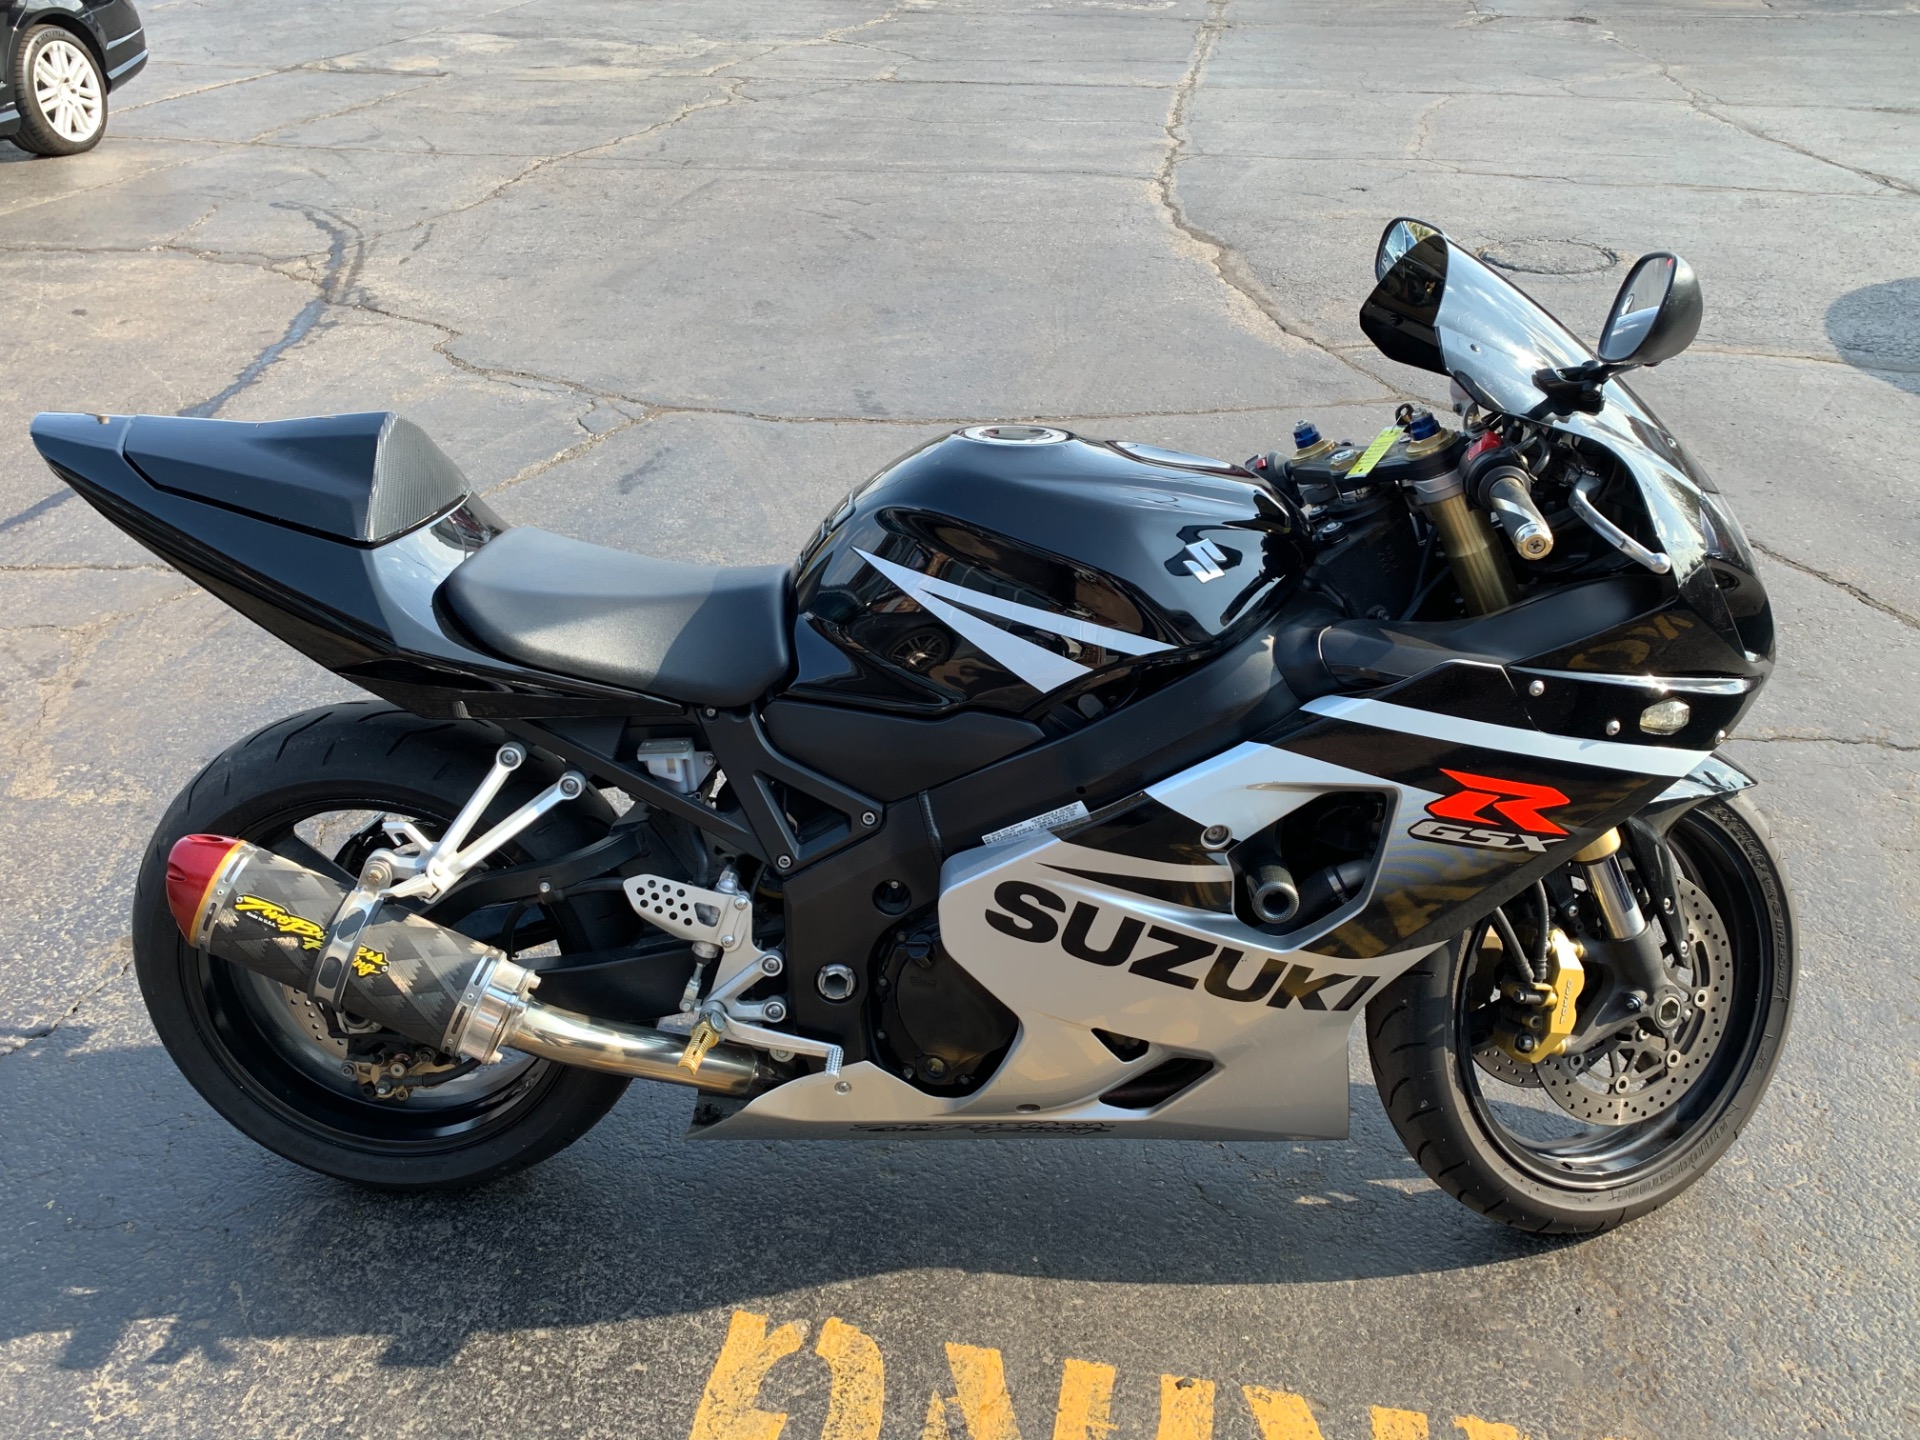 Used-2005-SUZUKI-GSX-R